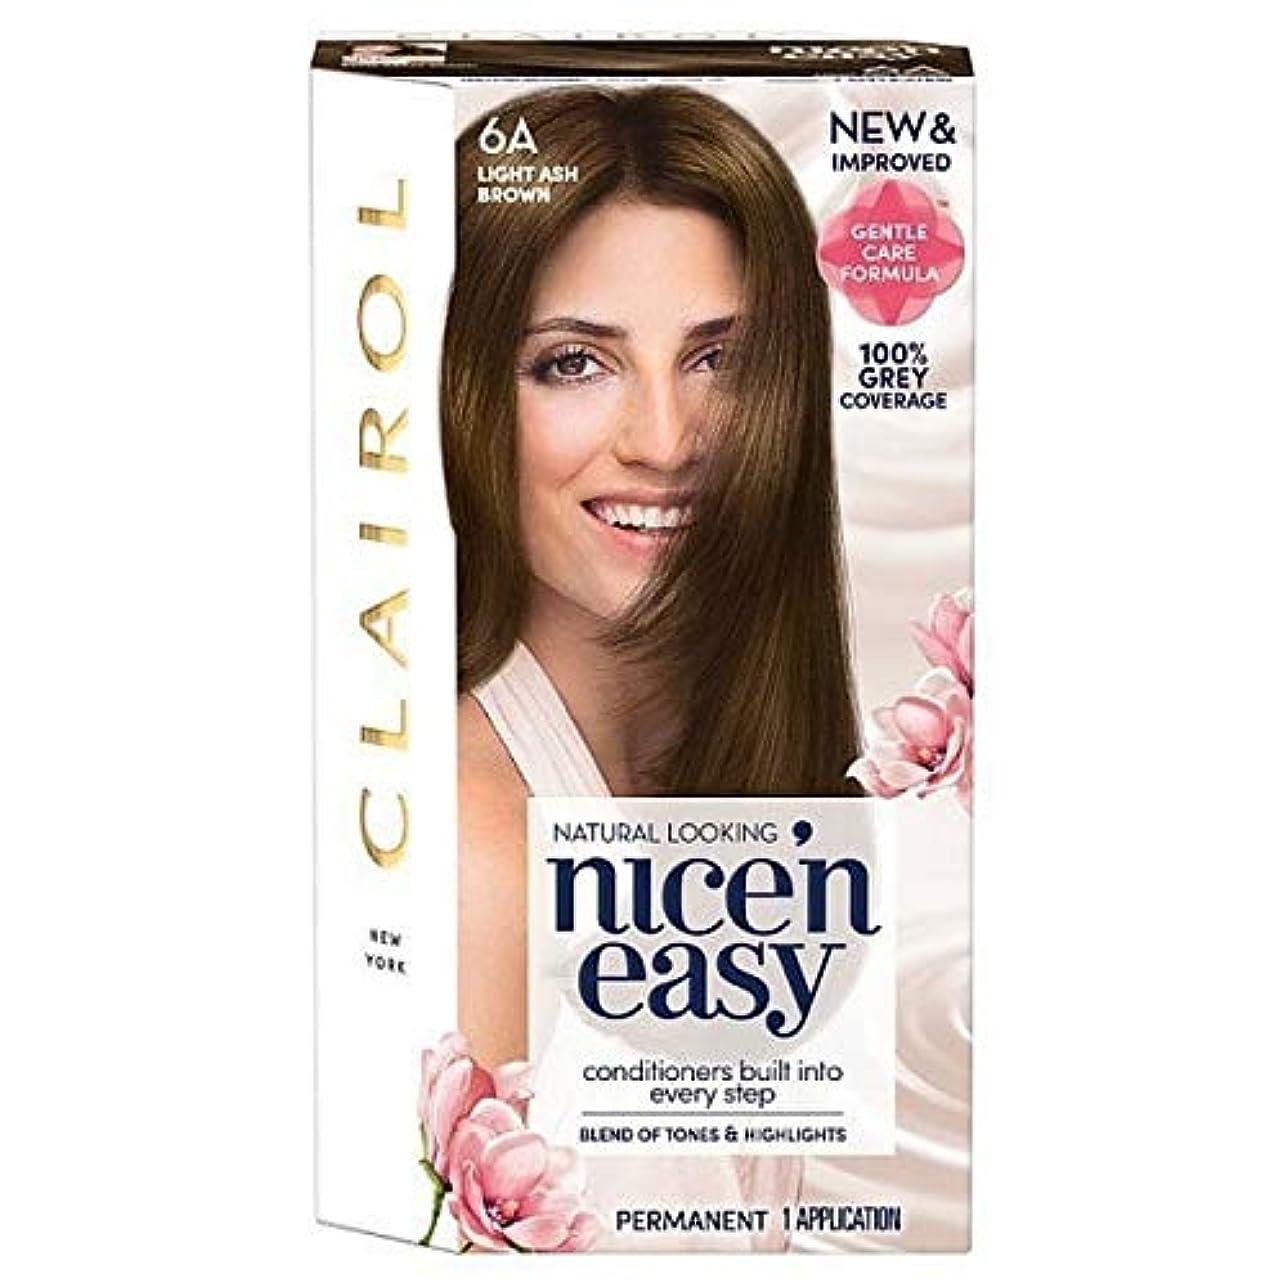 緊張するタイマー祈り[Nice'n Easy] Nice'N簡単な図6Aライトアッシュブラウン - Nice'n Easy 6A Light Ash Brown [並行輸入品]